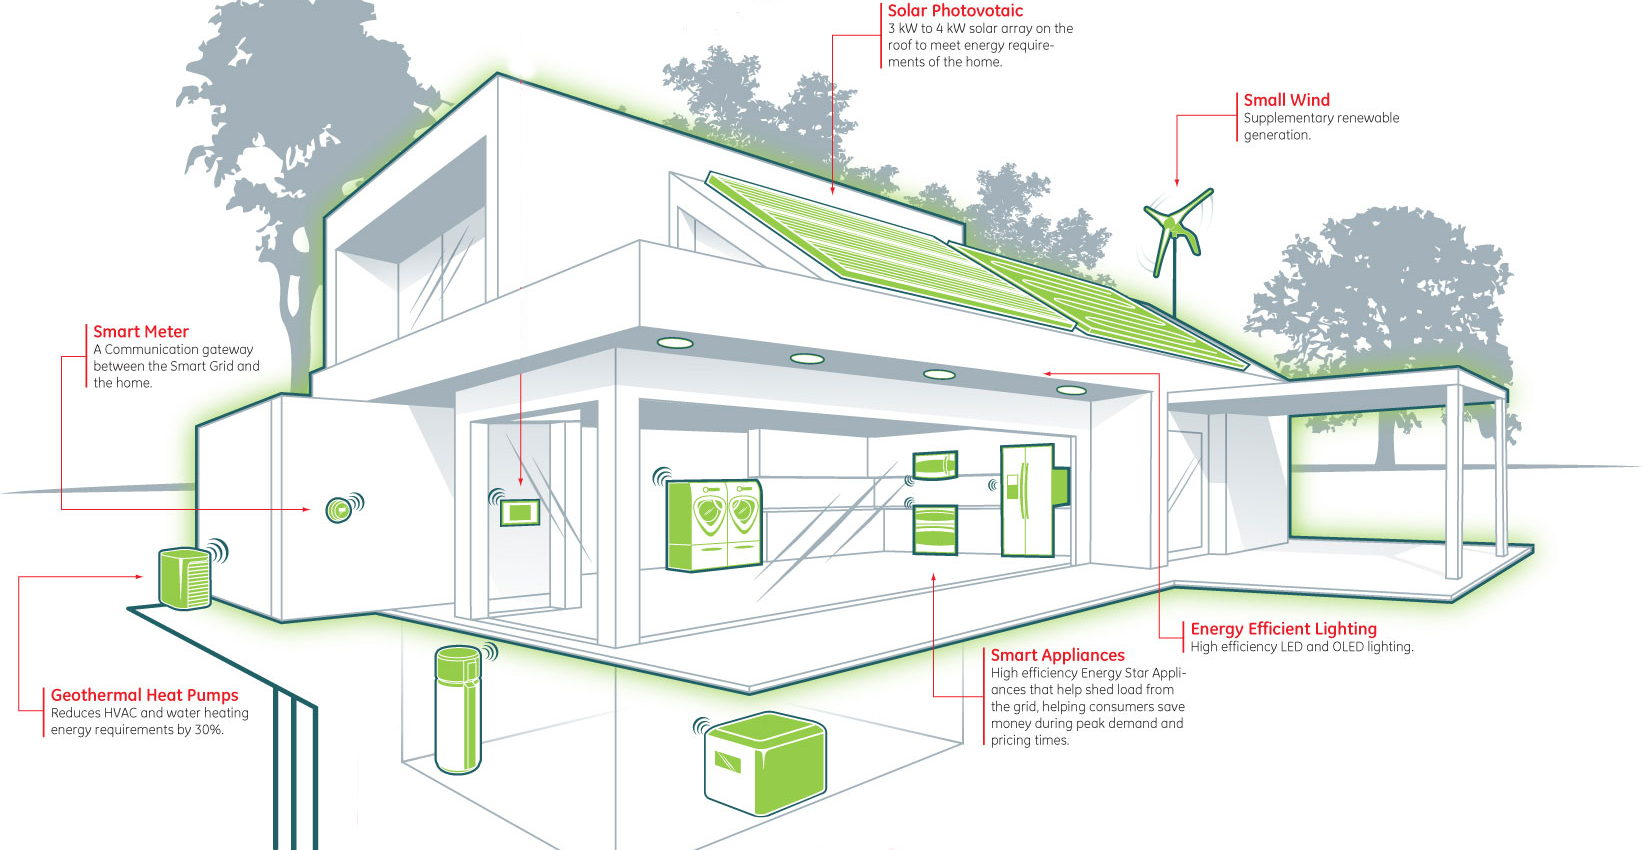 К 2050 году все здания в Европе должны перейти на почти нулевое потребление энергии